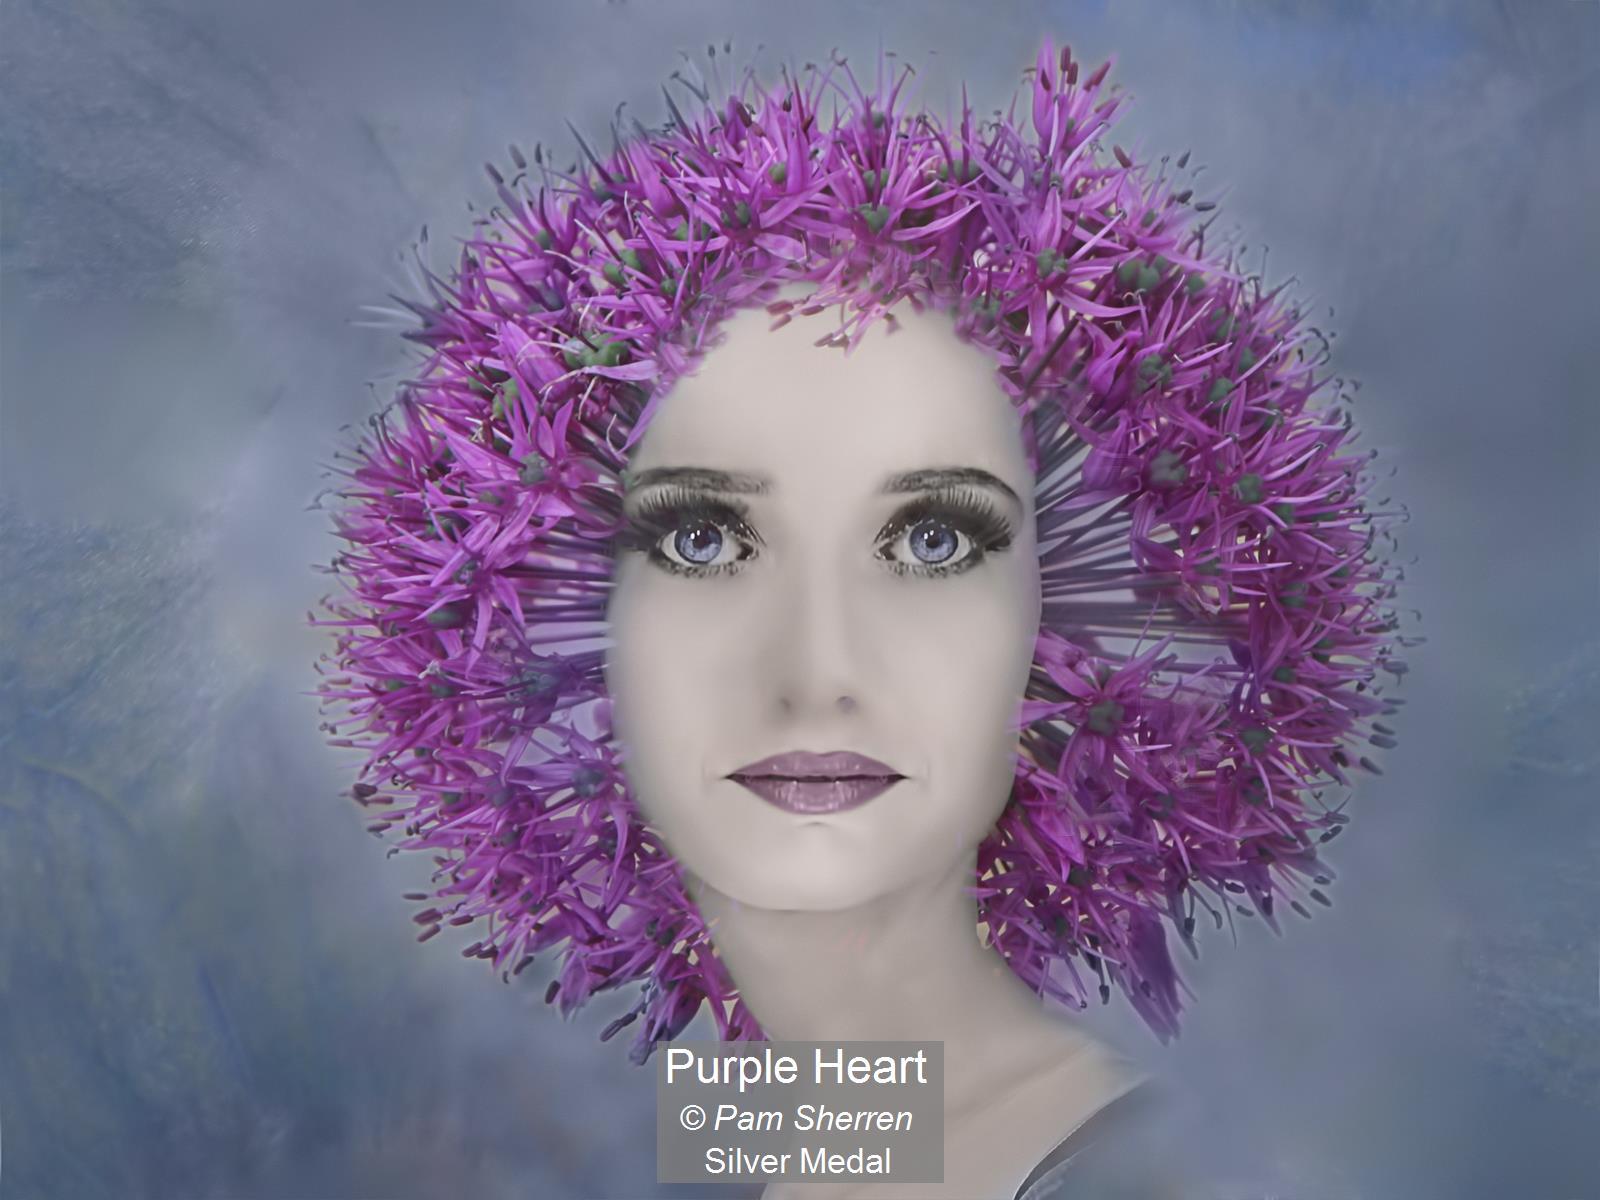 Purple Heart_Pam Sherren_Silver